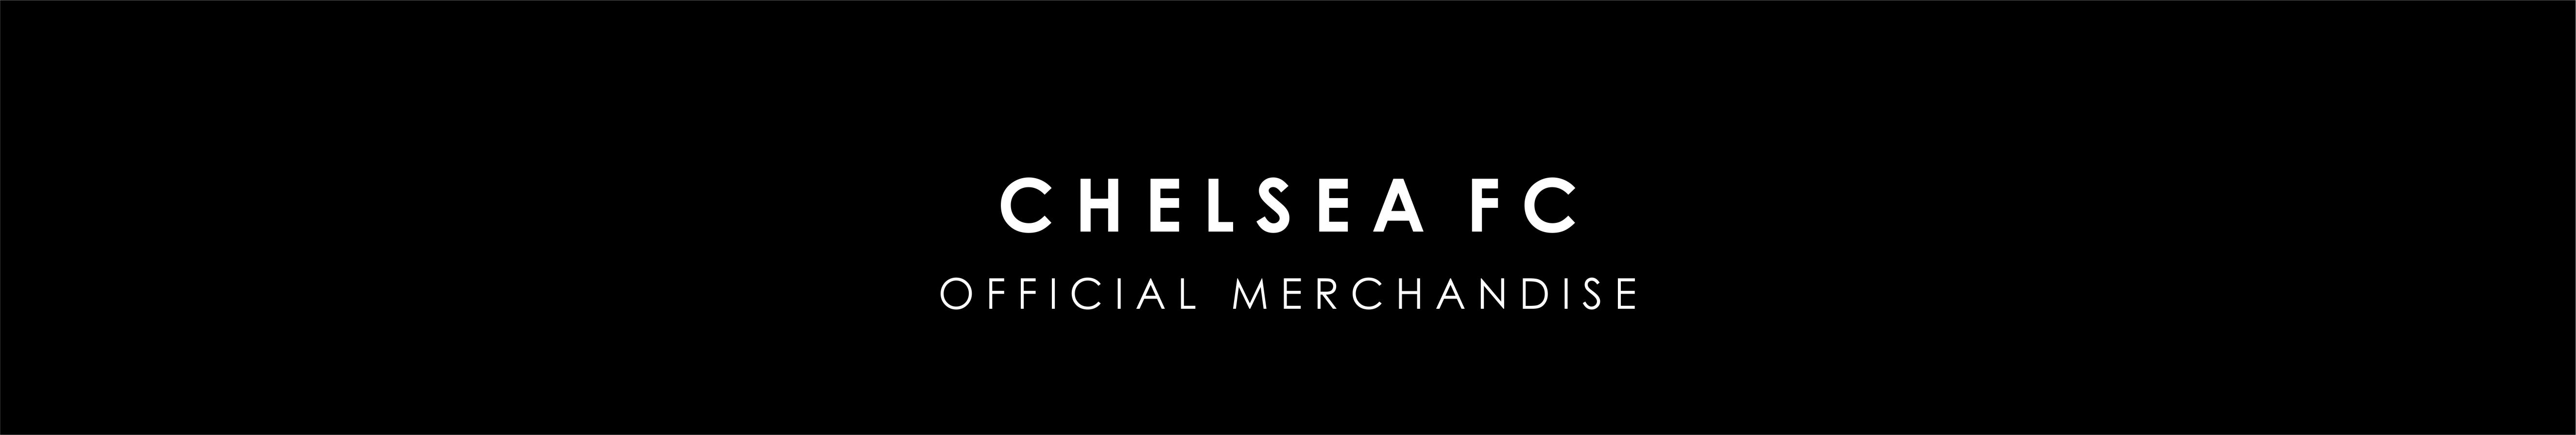 chelsea-fc-banner.jpg